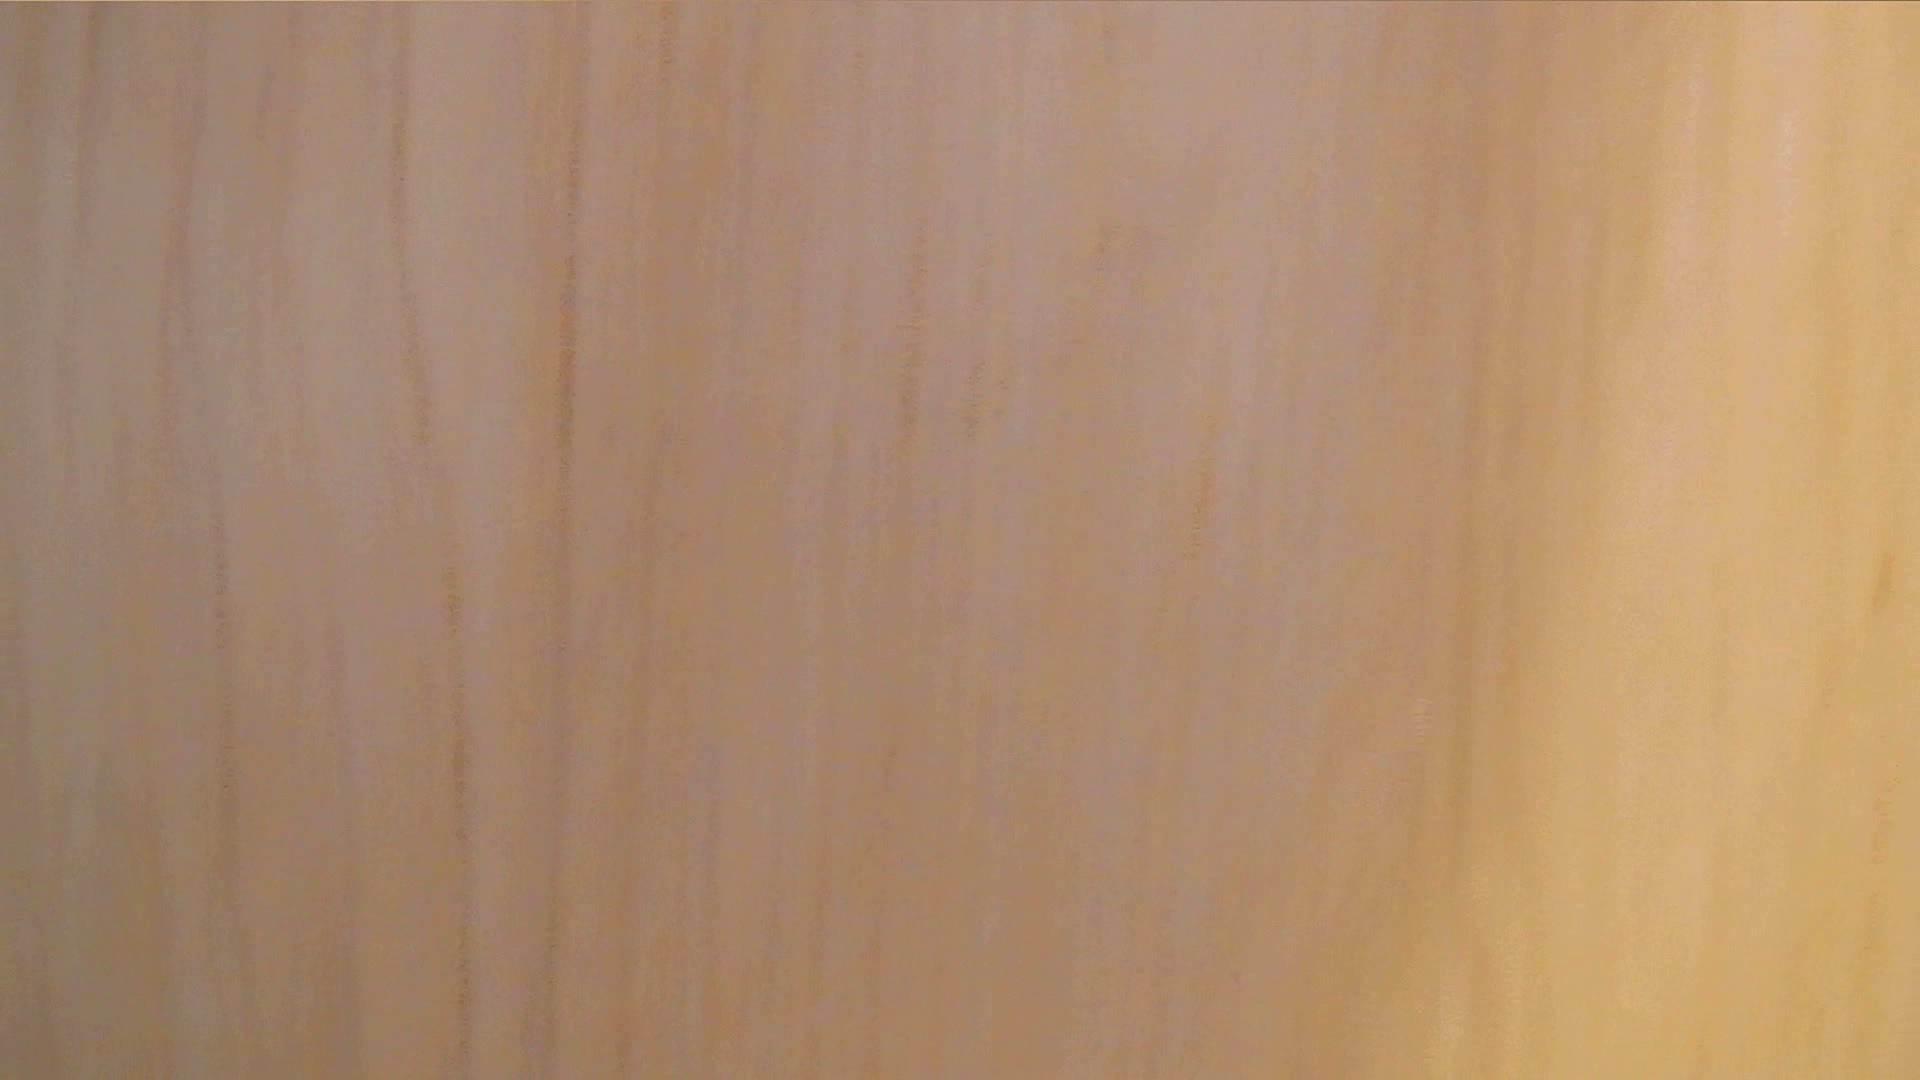 阿国ちゃんの「和式洋式七変化」No.3 盛合せ すけべAV動画紹介 106枚 70